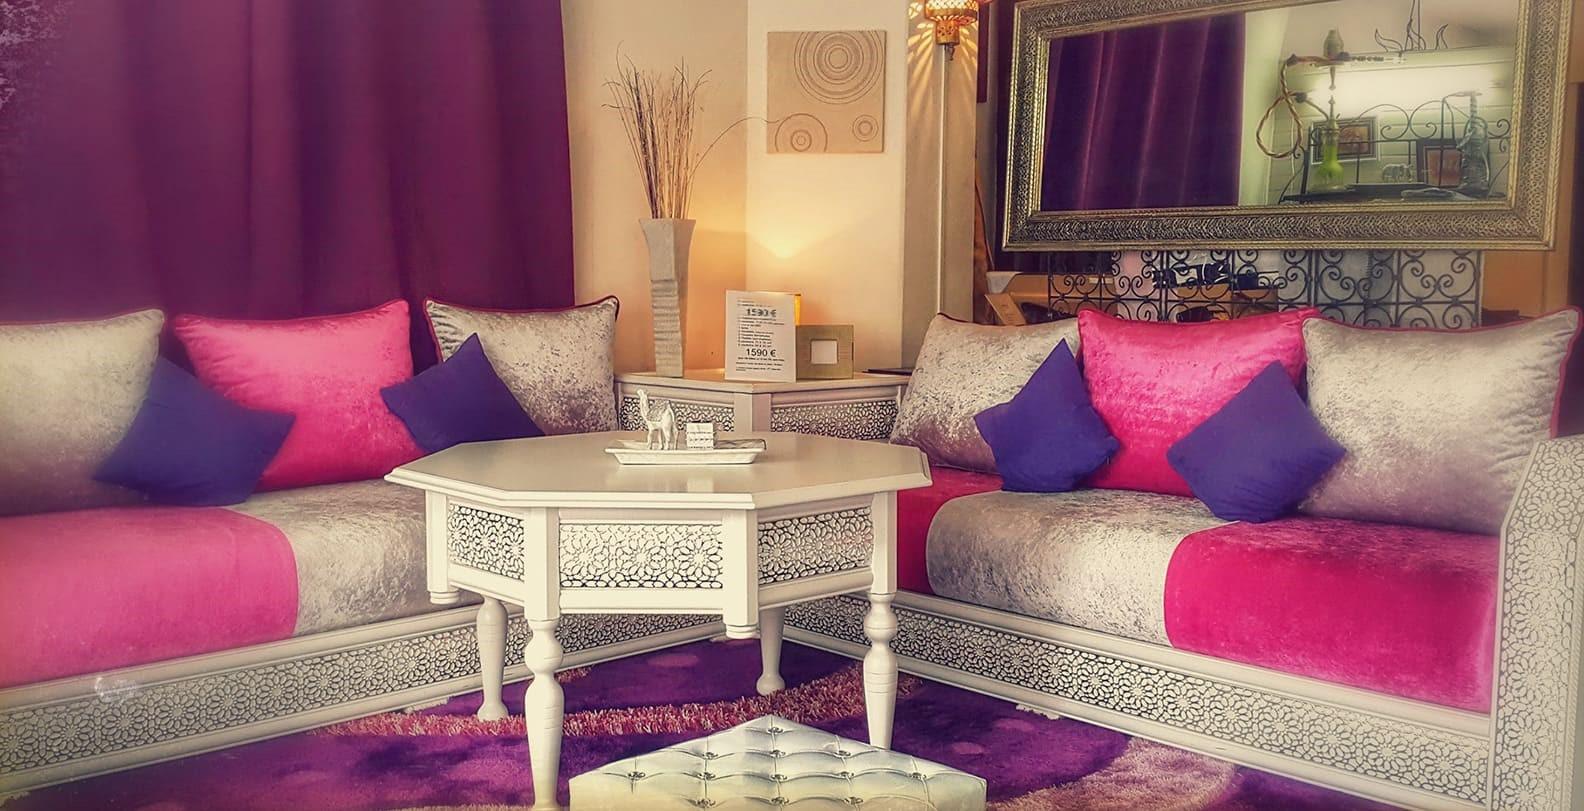 Idées pour décoration salon marocain moderne - Déco Salon Marocain